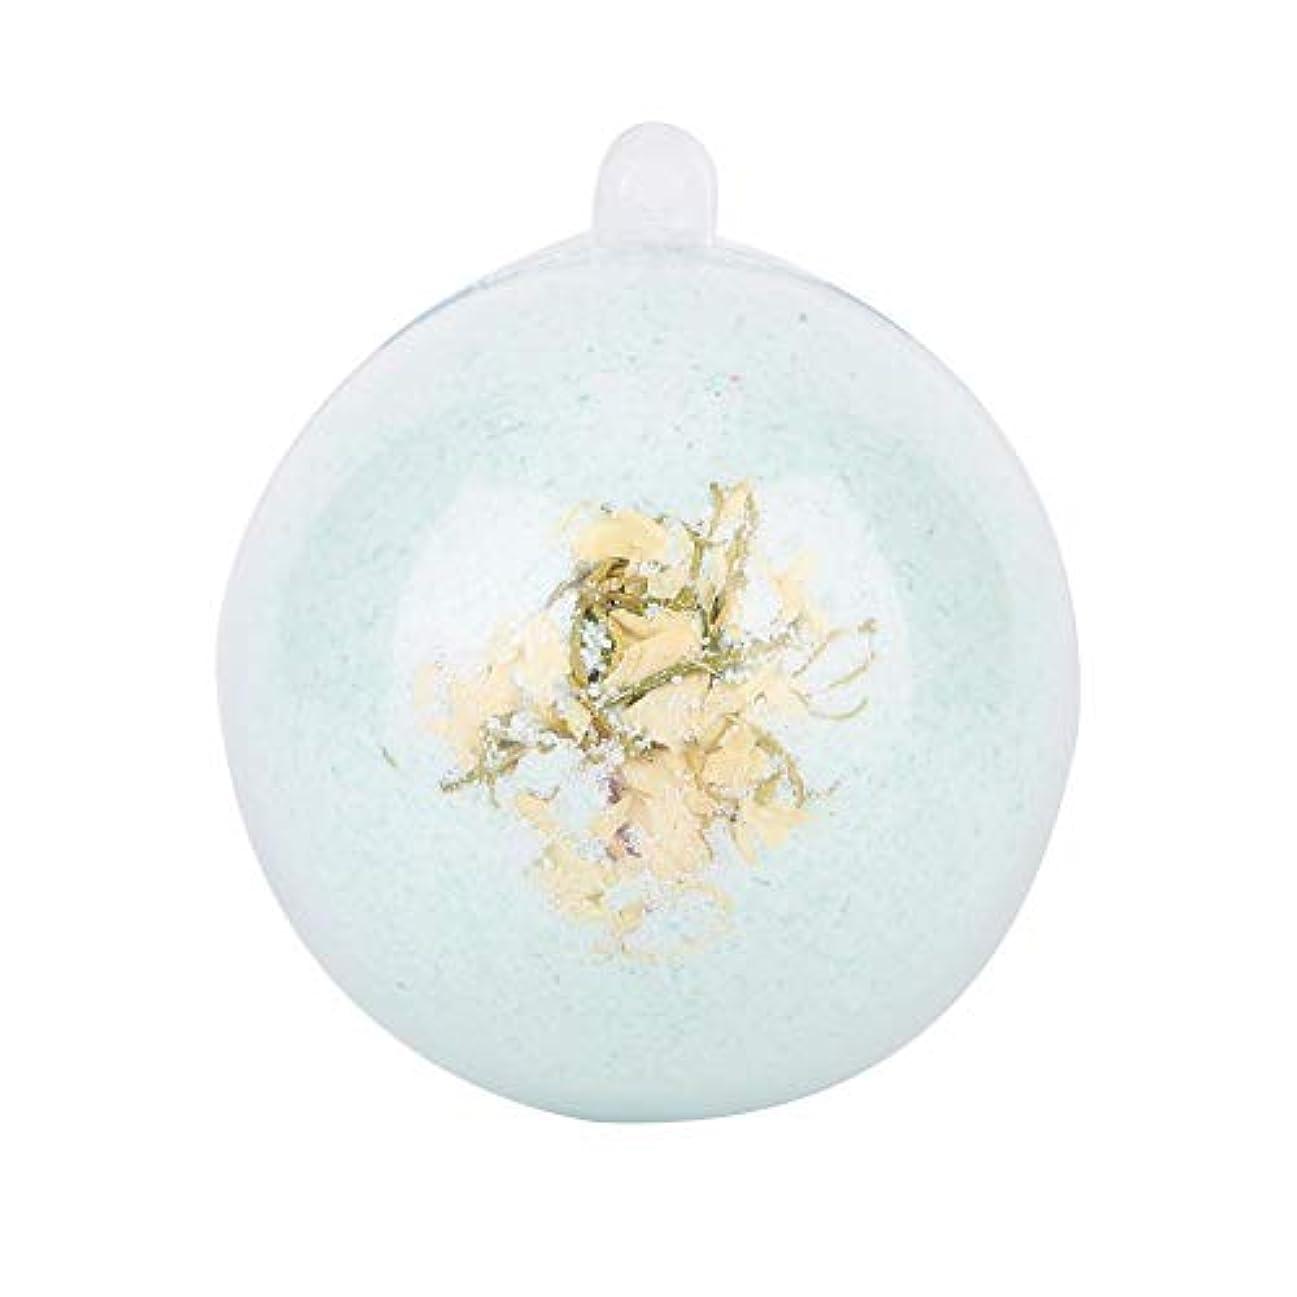 明らかに療法日食dootiバスボム 6個セット 爆弾バスボール 入浴剤 プレゼント用 香り 入浴 風呂 お湯 優しい